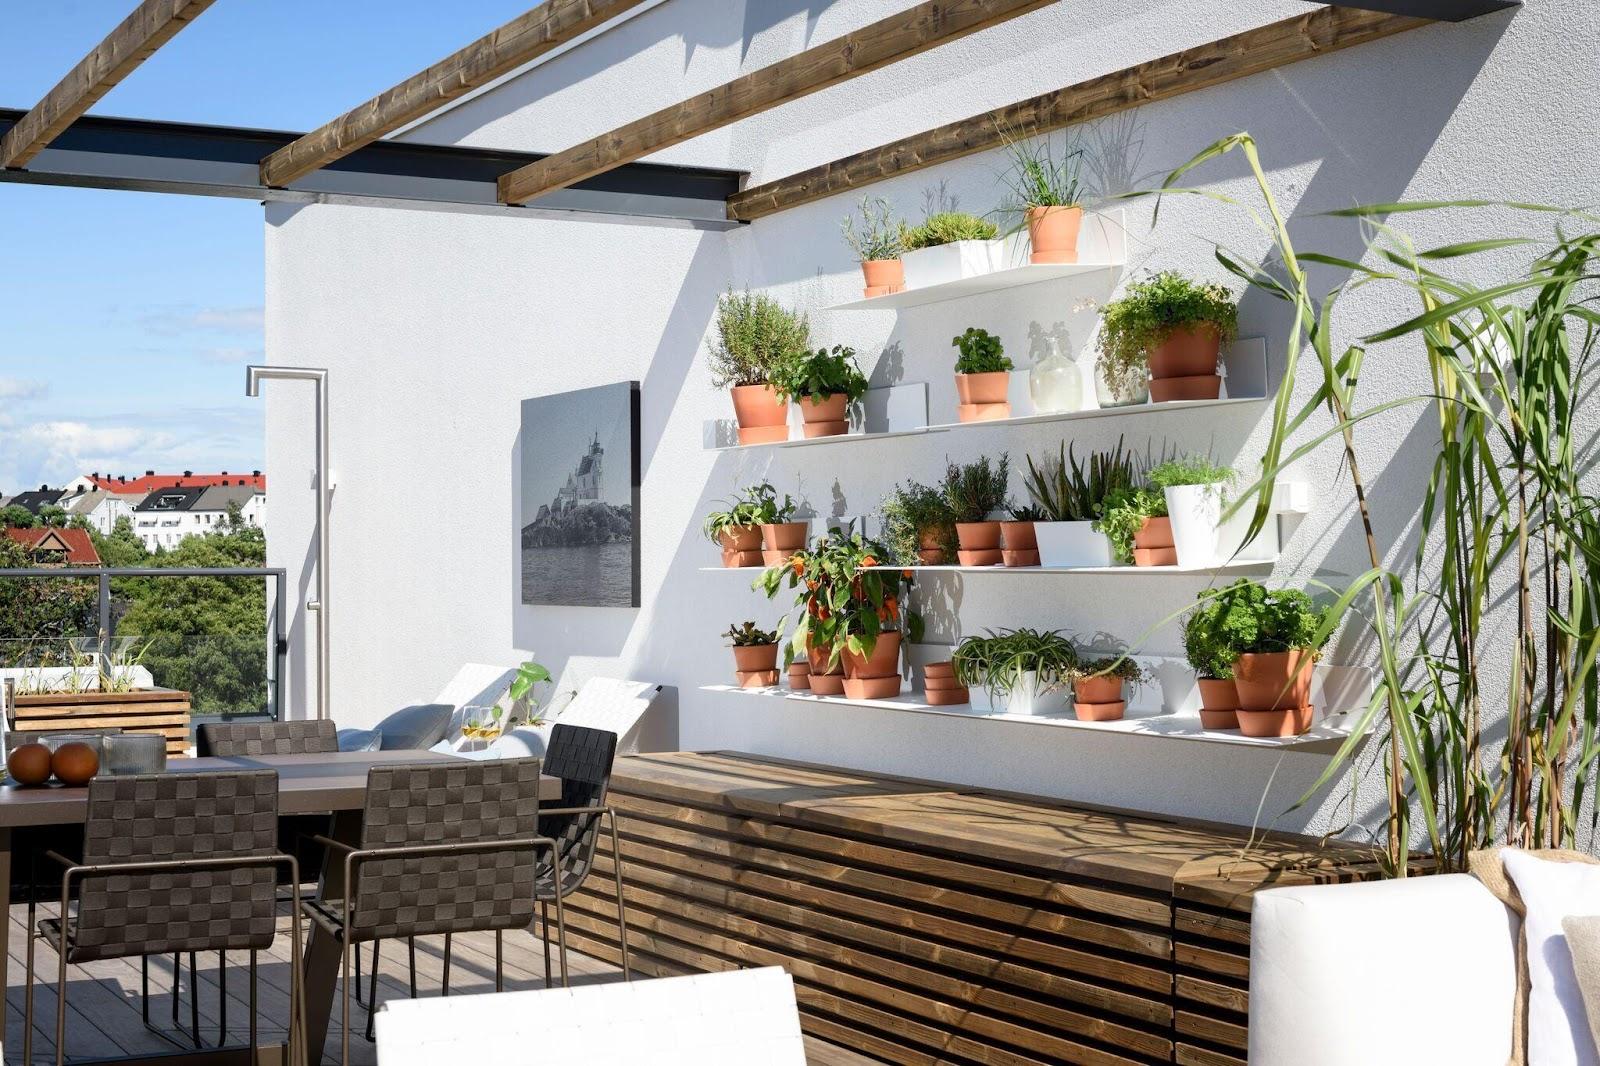 skapa liv på terrassen med gröna växter av olika storlekar